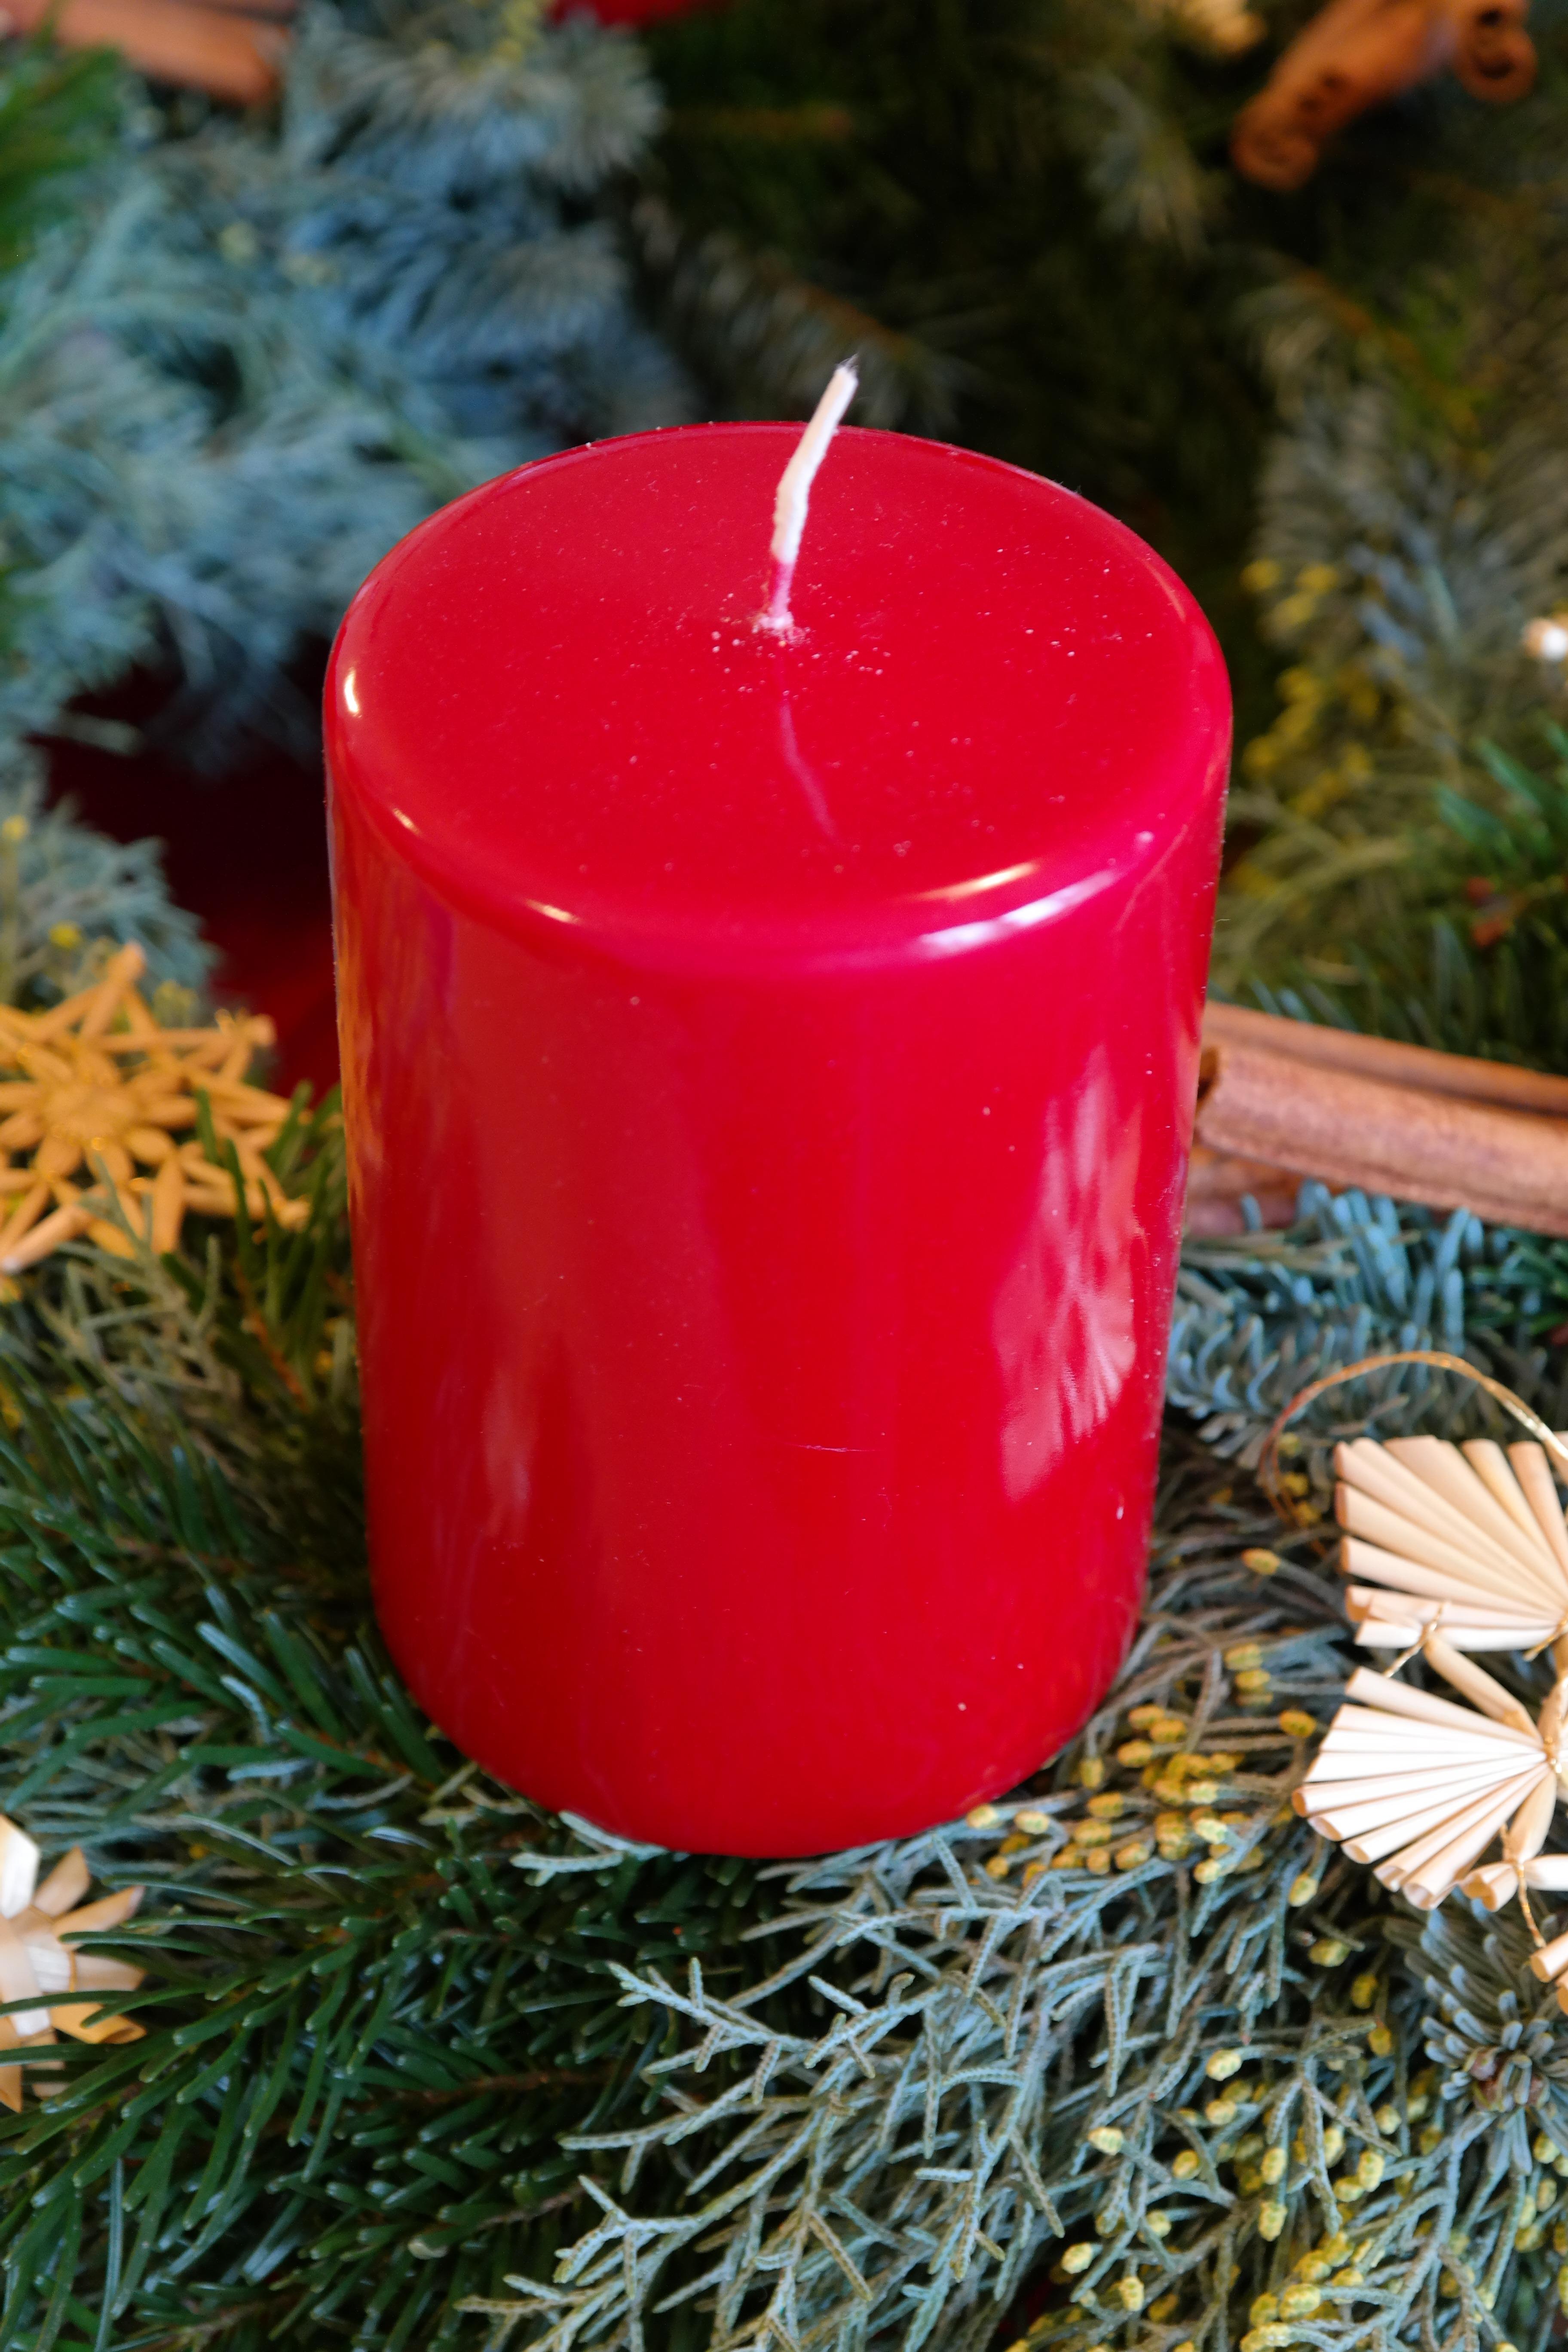 images gratuites lumi re plante fleur rouge produire vacances bougie clairage d cor. Black Bedroom Furniture Sets. Home Design Ideas